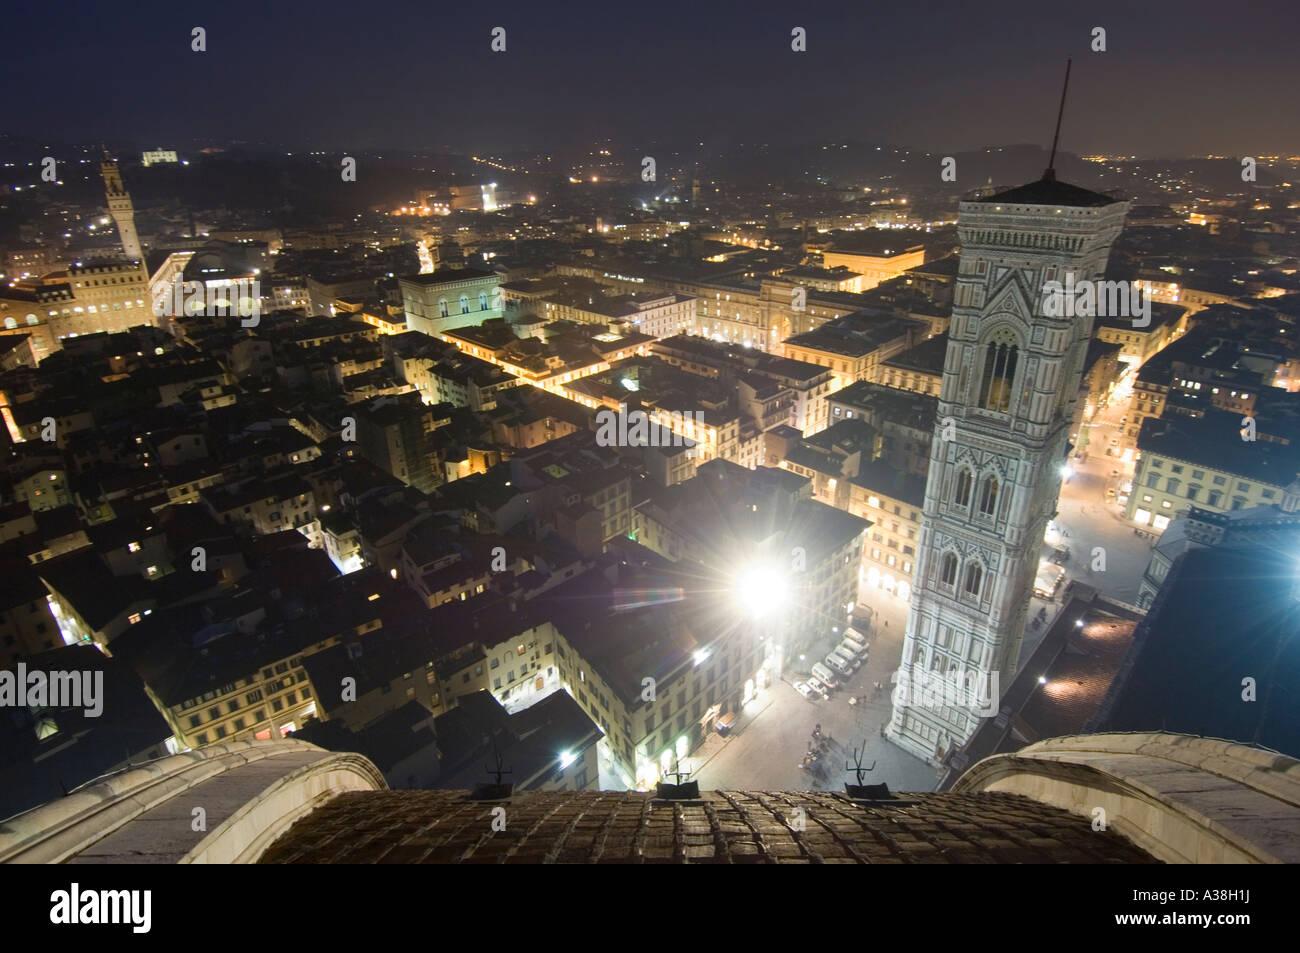 Un ampio angolo di vista su Firenze di notte dal Duomo pubblica della piattaforma di visualizzazione che mostra il campanile di Giotto sulla destra. Foto Stock